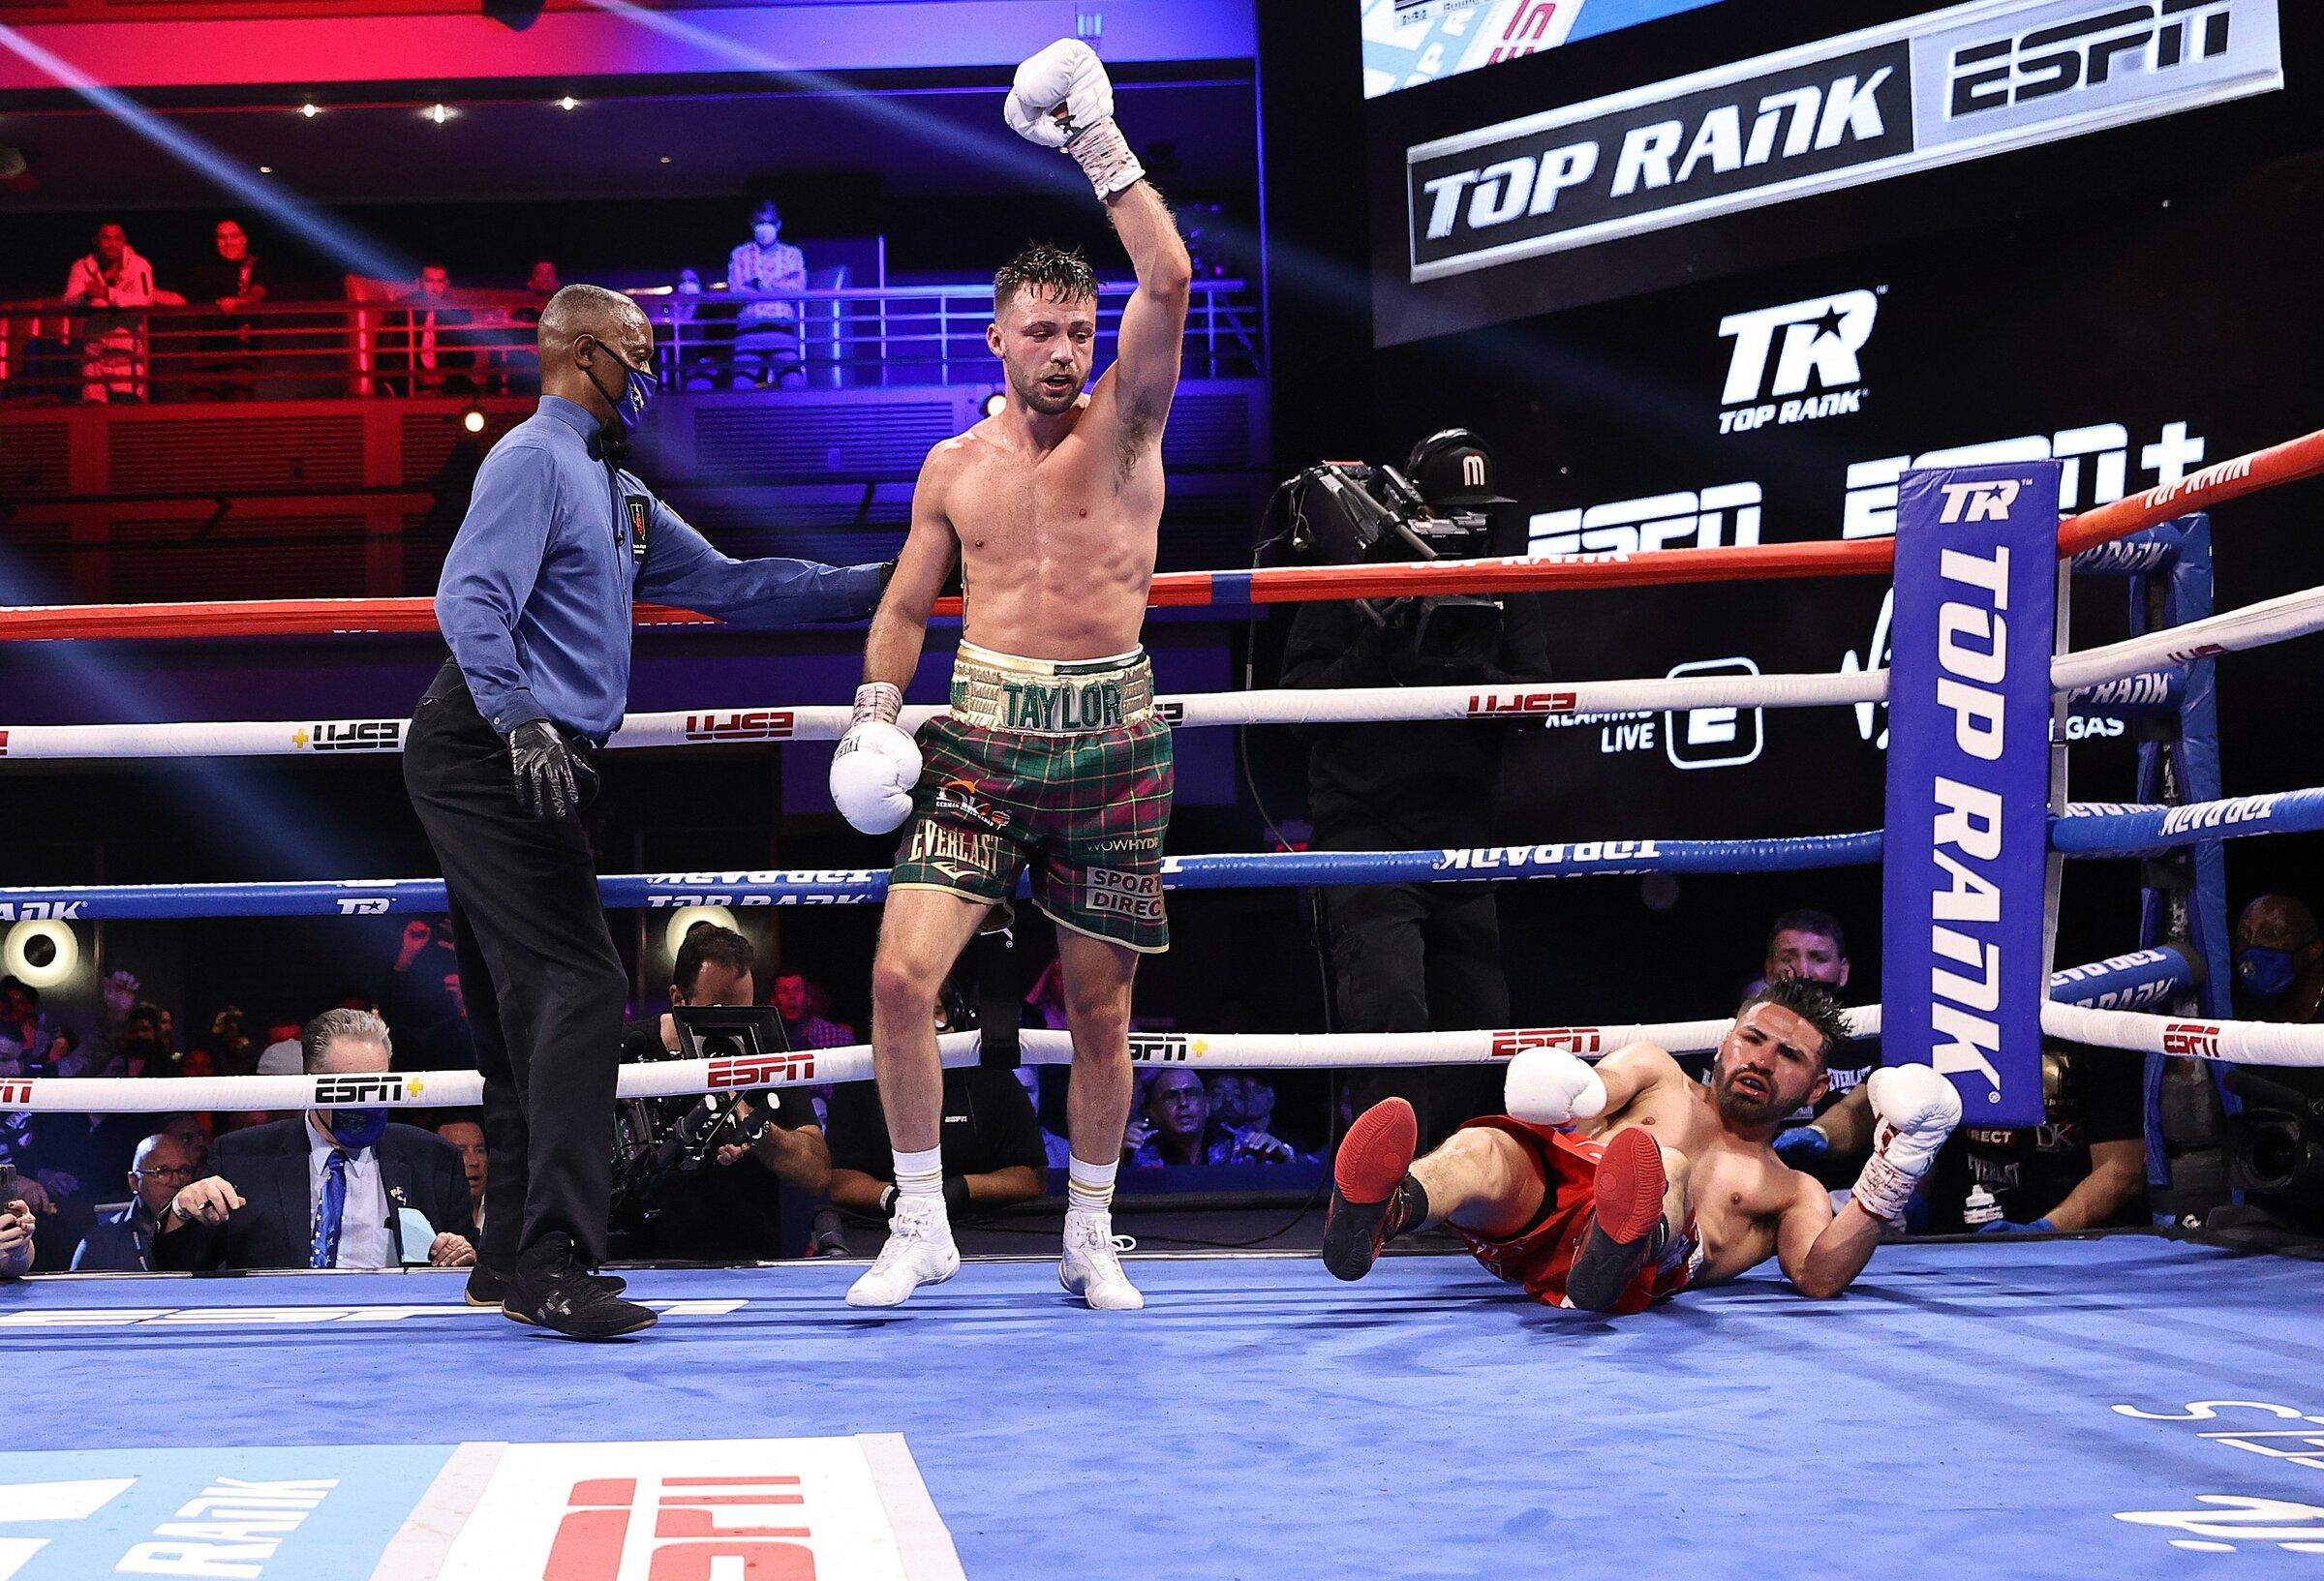 Taylor sau một lần đánh ngã Ramirez trong trận đấu hôm 23/5. Ảnh: DAZN